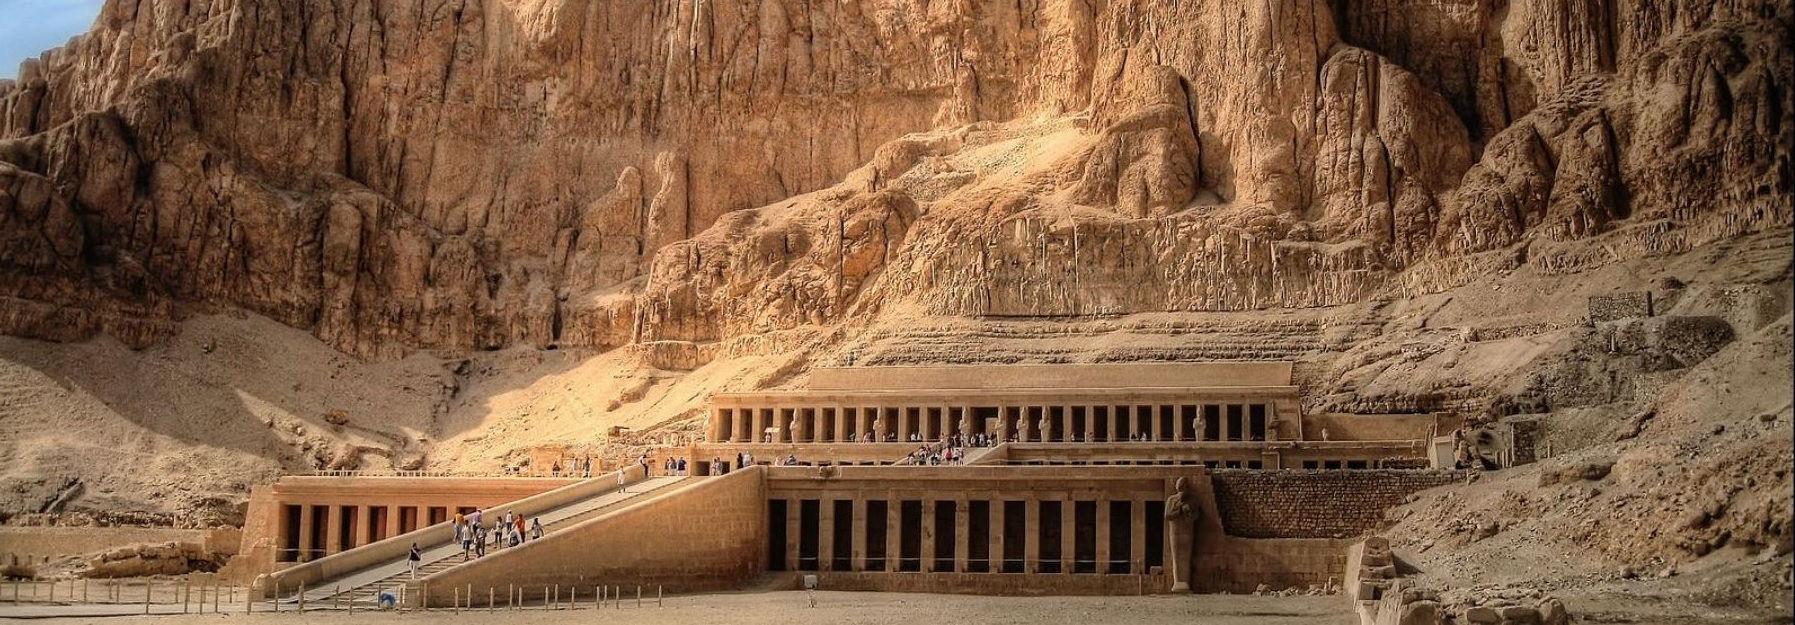 Resultado de imagen para Hatshepsut